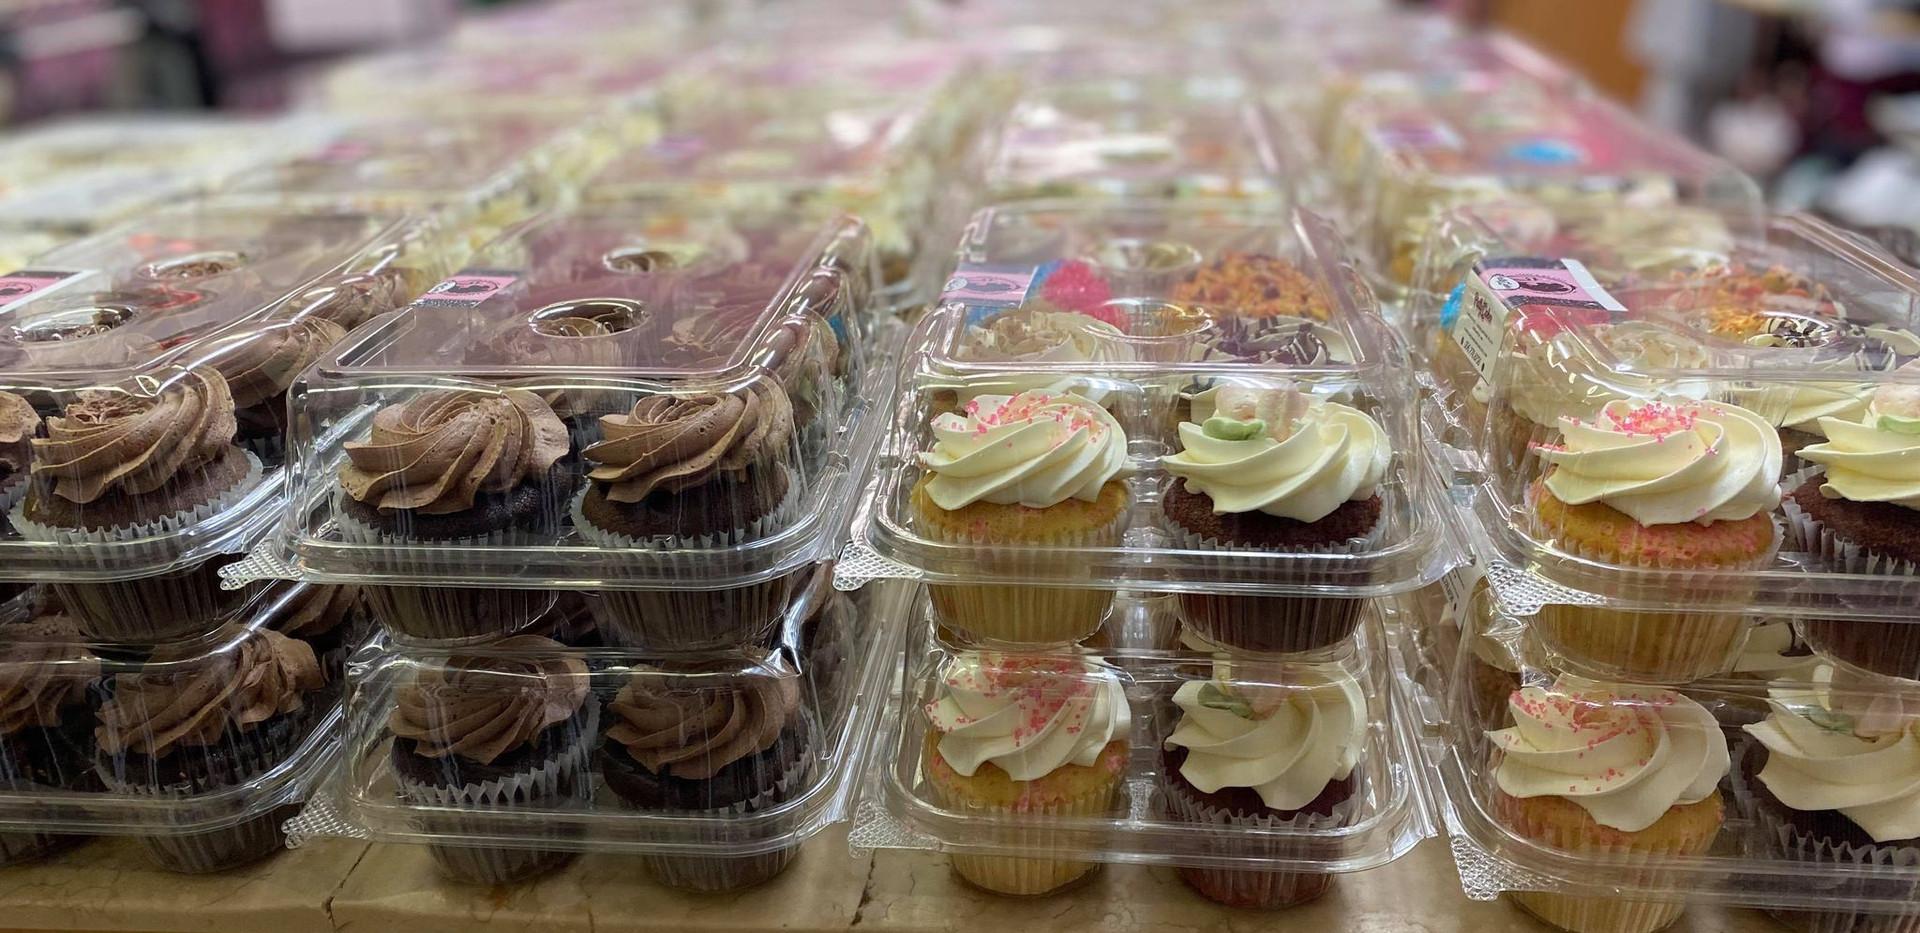 Retail / Wholesale Patty Cakes